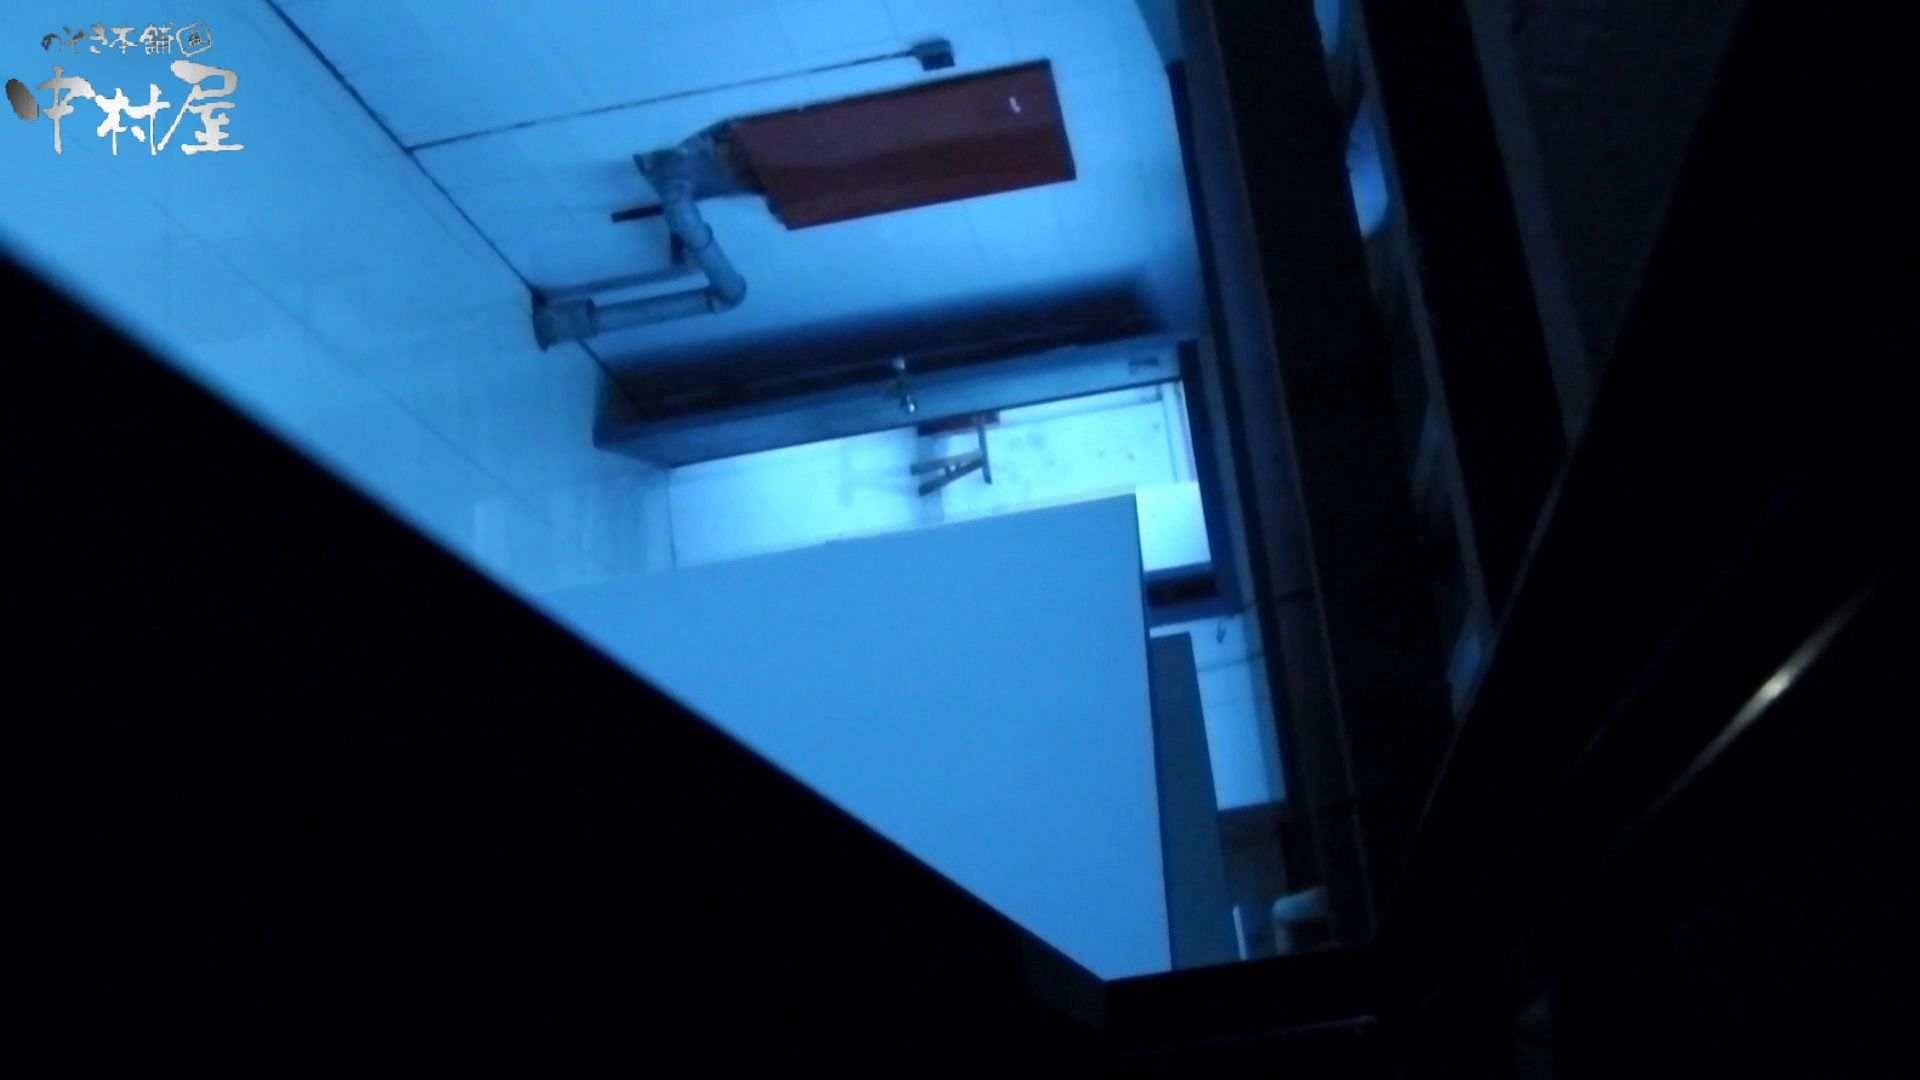 新世界の射窓 No72 モデル級なら個室から飛び出て追っかけます モデルヌード | 洗面所  81pic 13